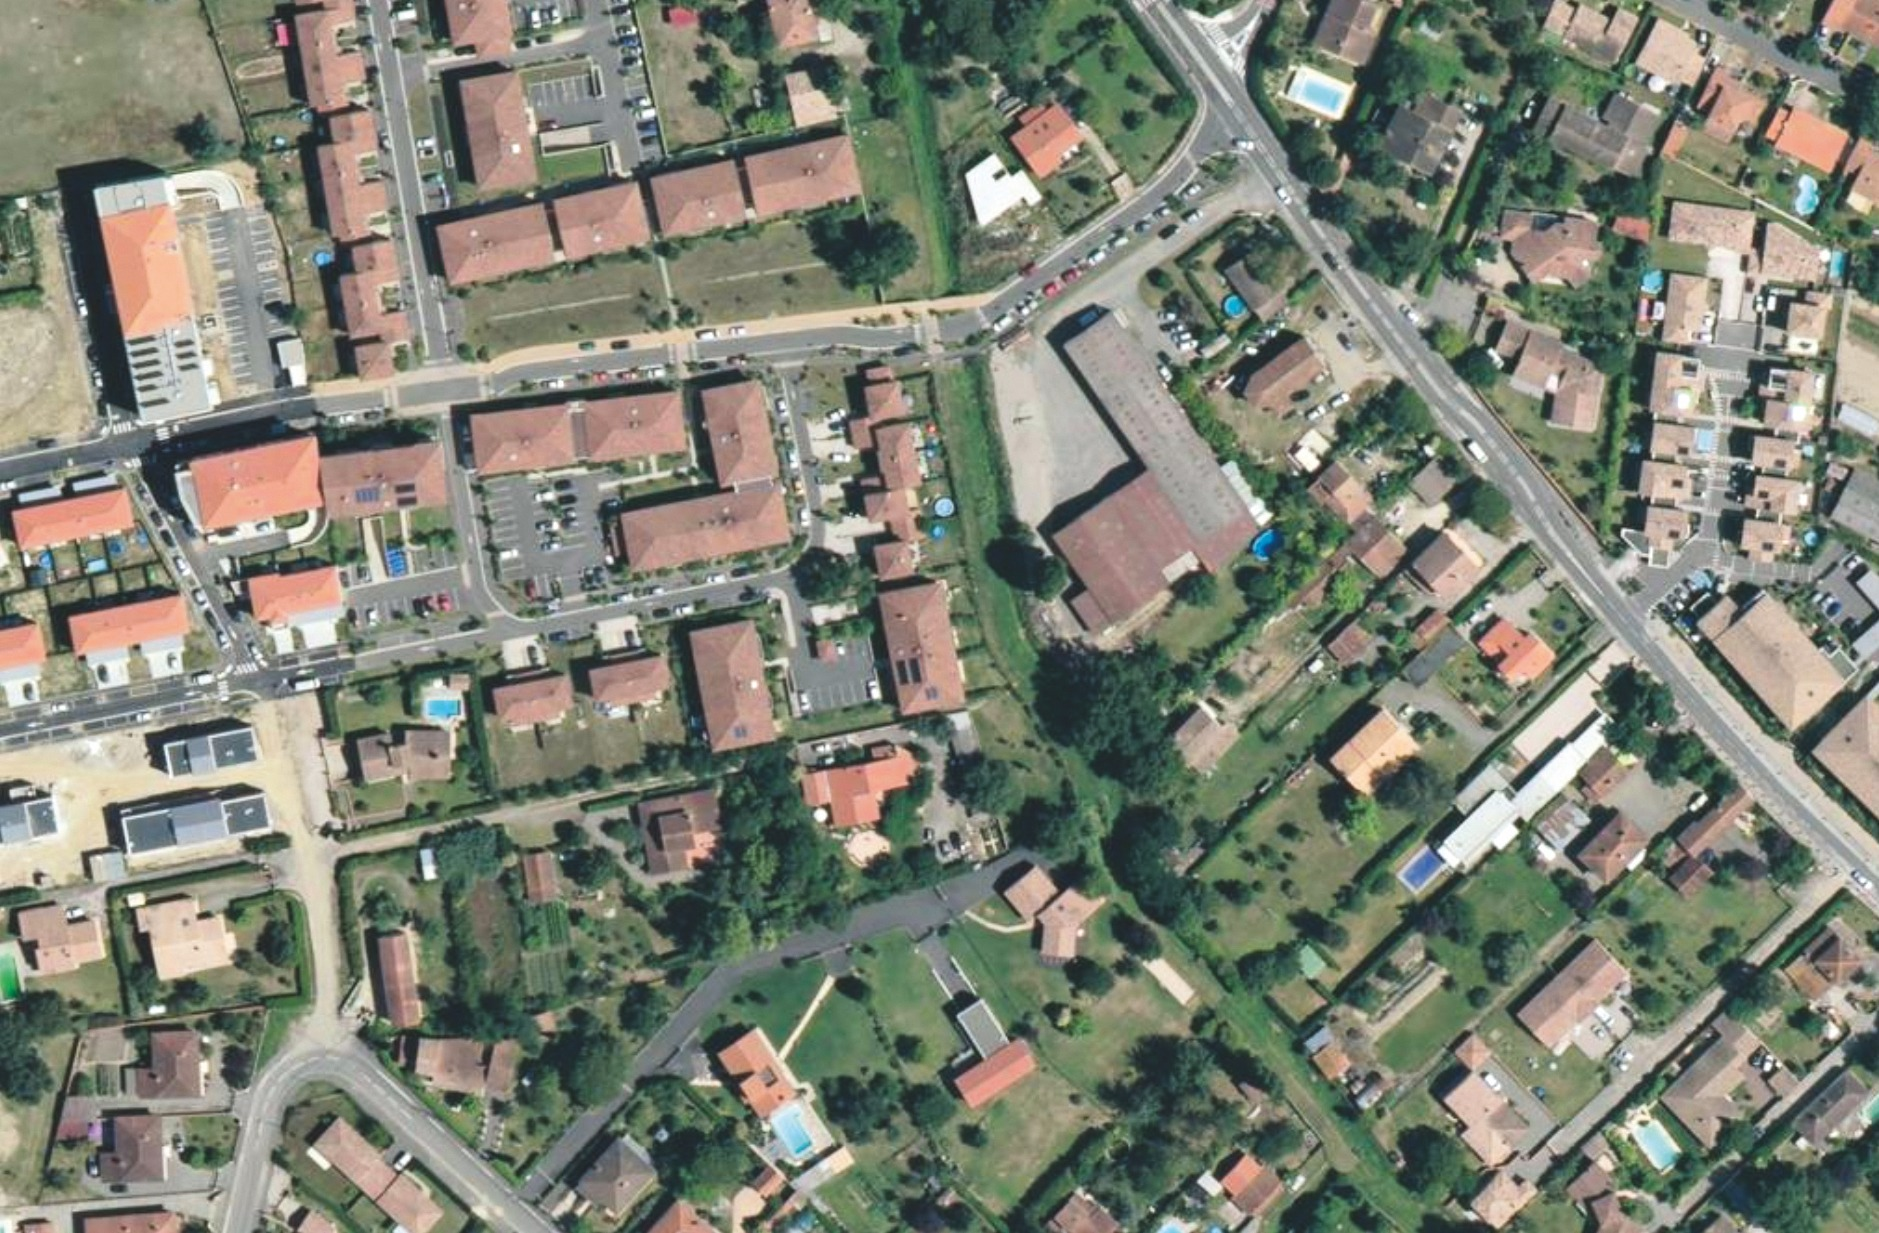 La diversité sociale dans la banlieue résidentielle toulousaine